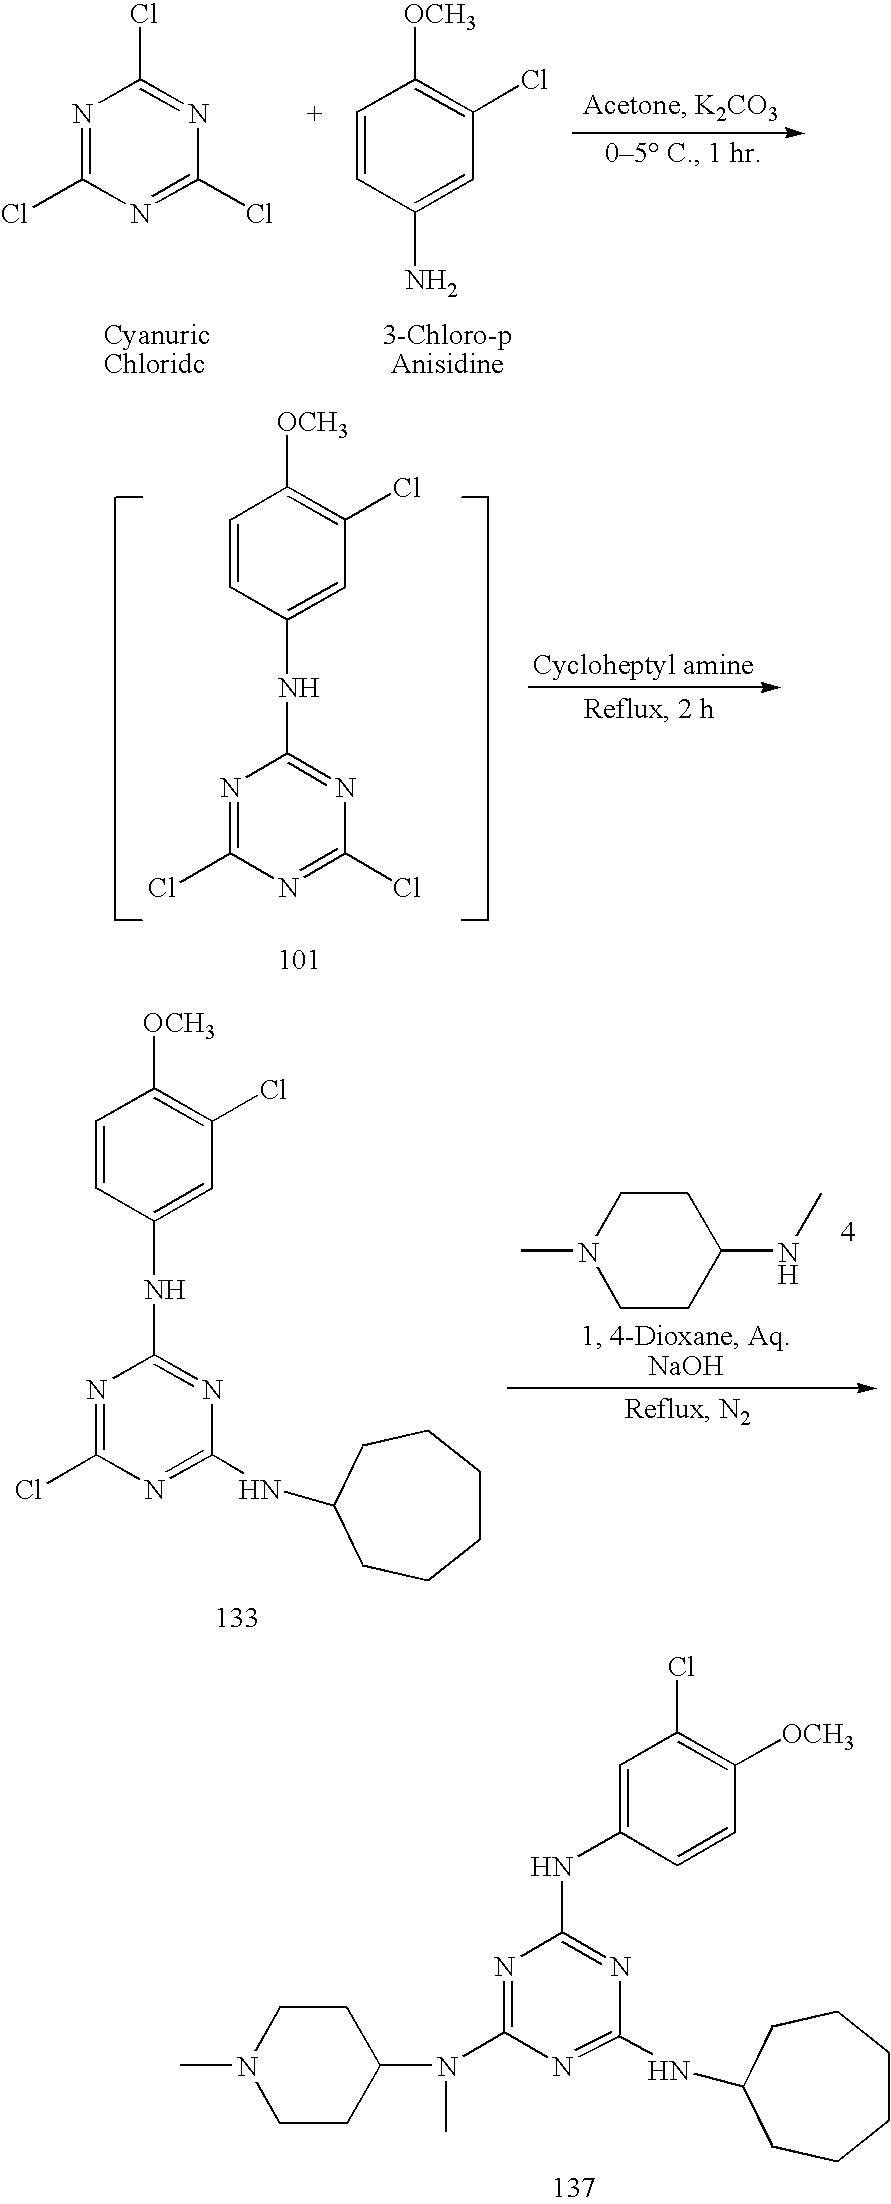 Figure US20050113341A1-20050526-C00227